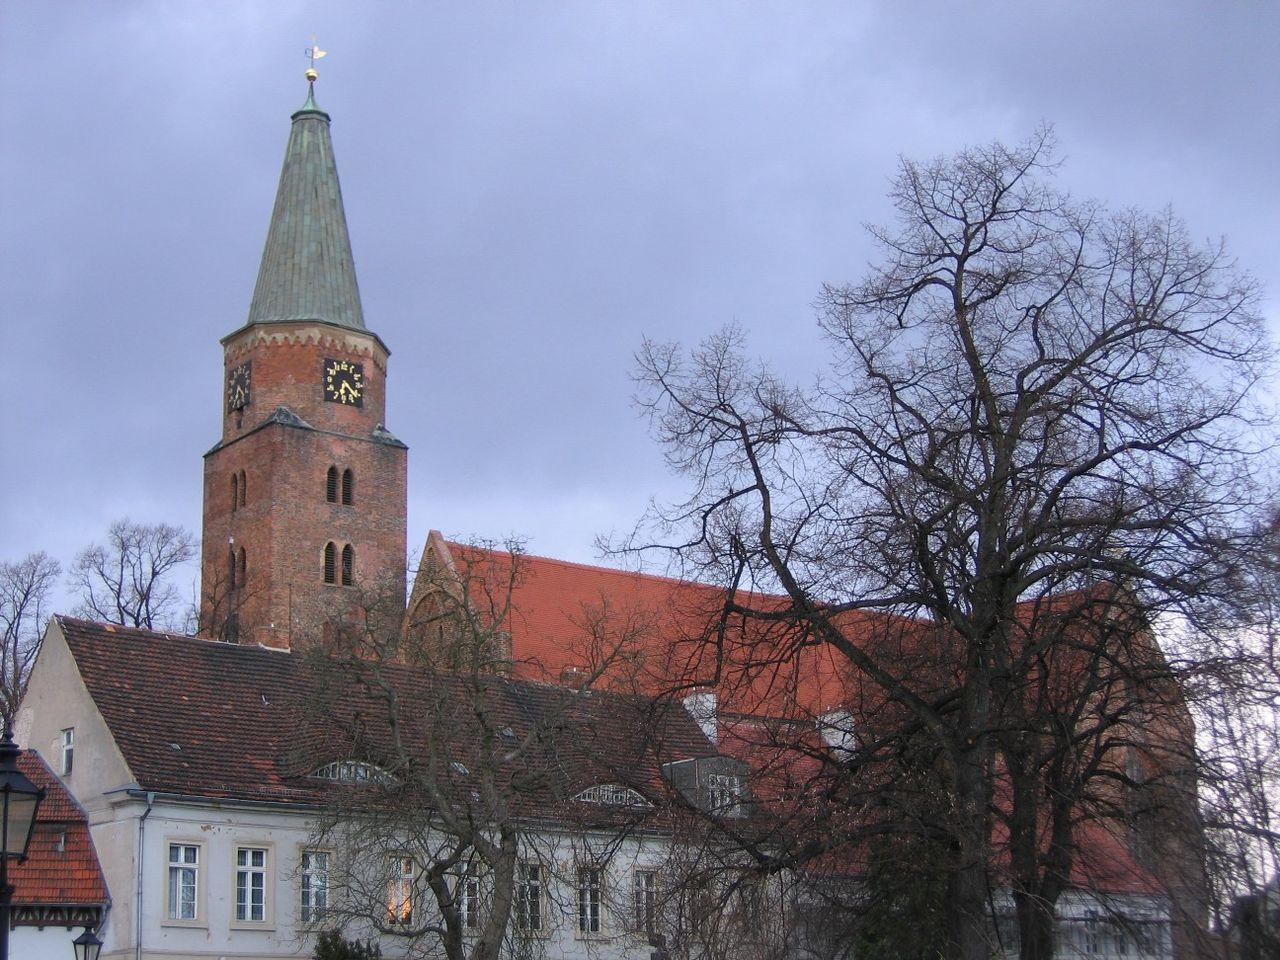 Dom zu Brandenburg an der Havel